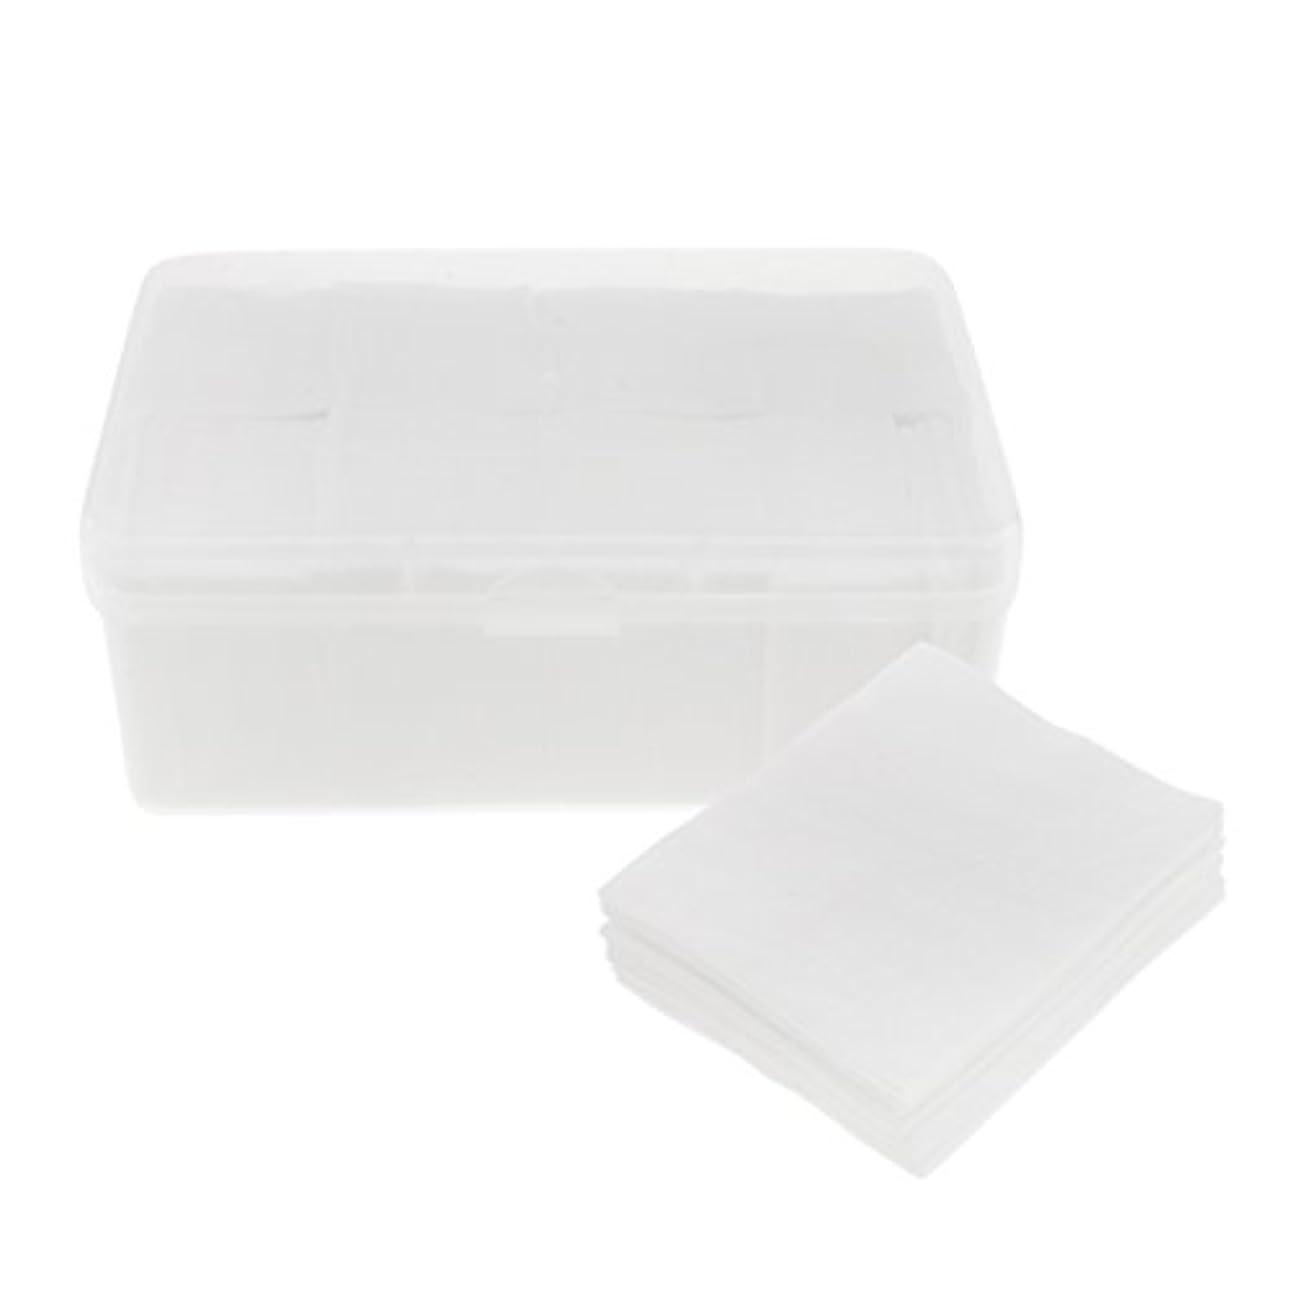 配当教育する摂動Fenteer 約1000枚 コットンパッド 化粧パッド メイクアップ メイク落とし スキンケア